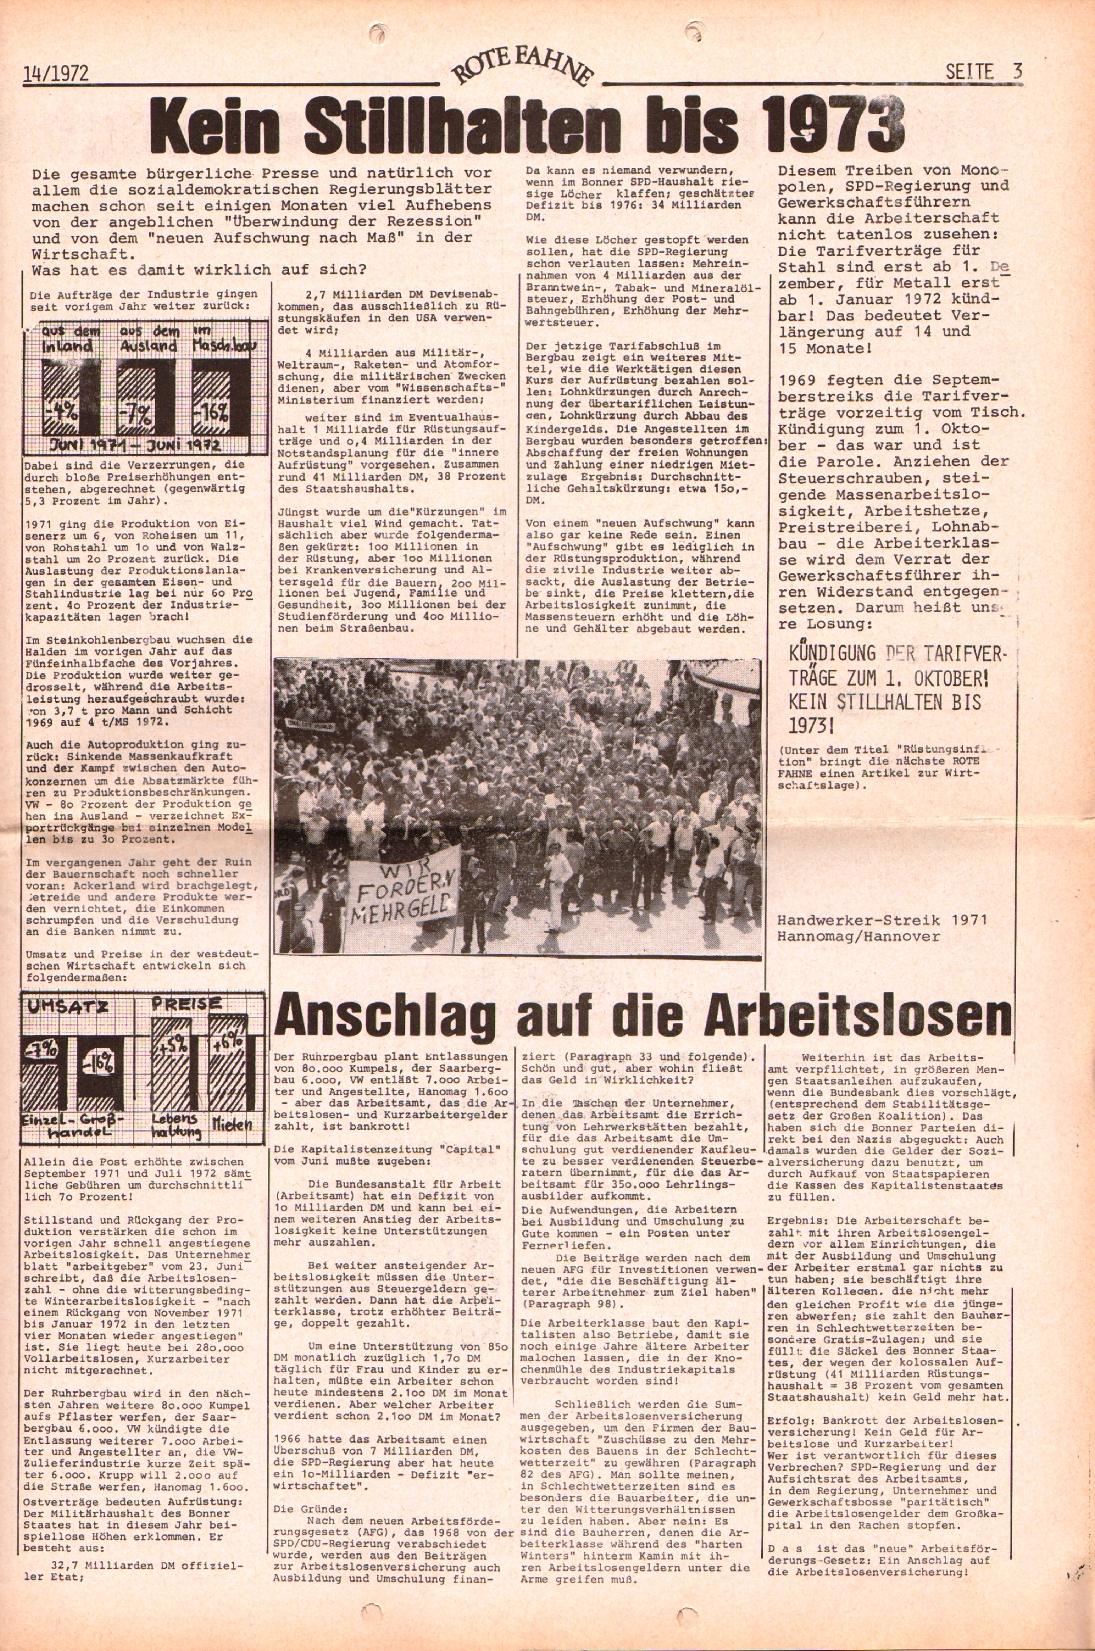 Rote Fahne, 3. Jg., 10.7.1972, Nr. 14, Seite 3